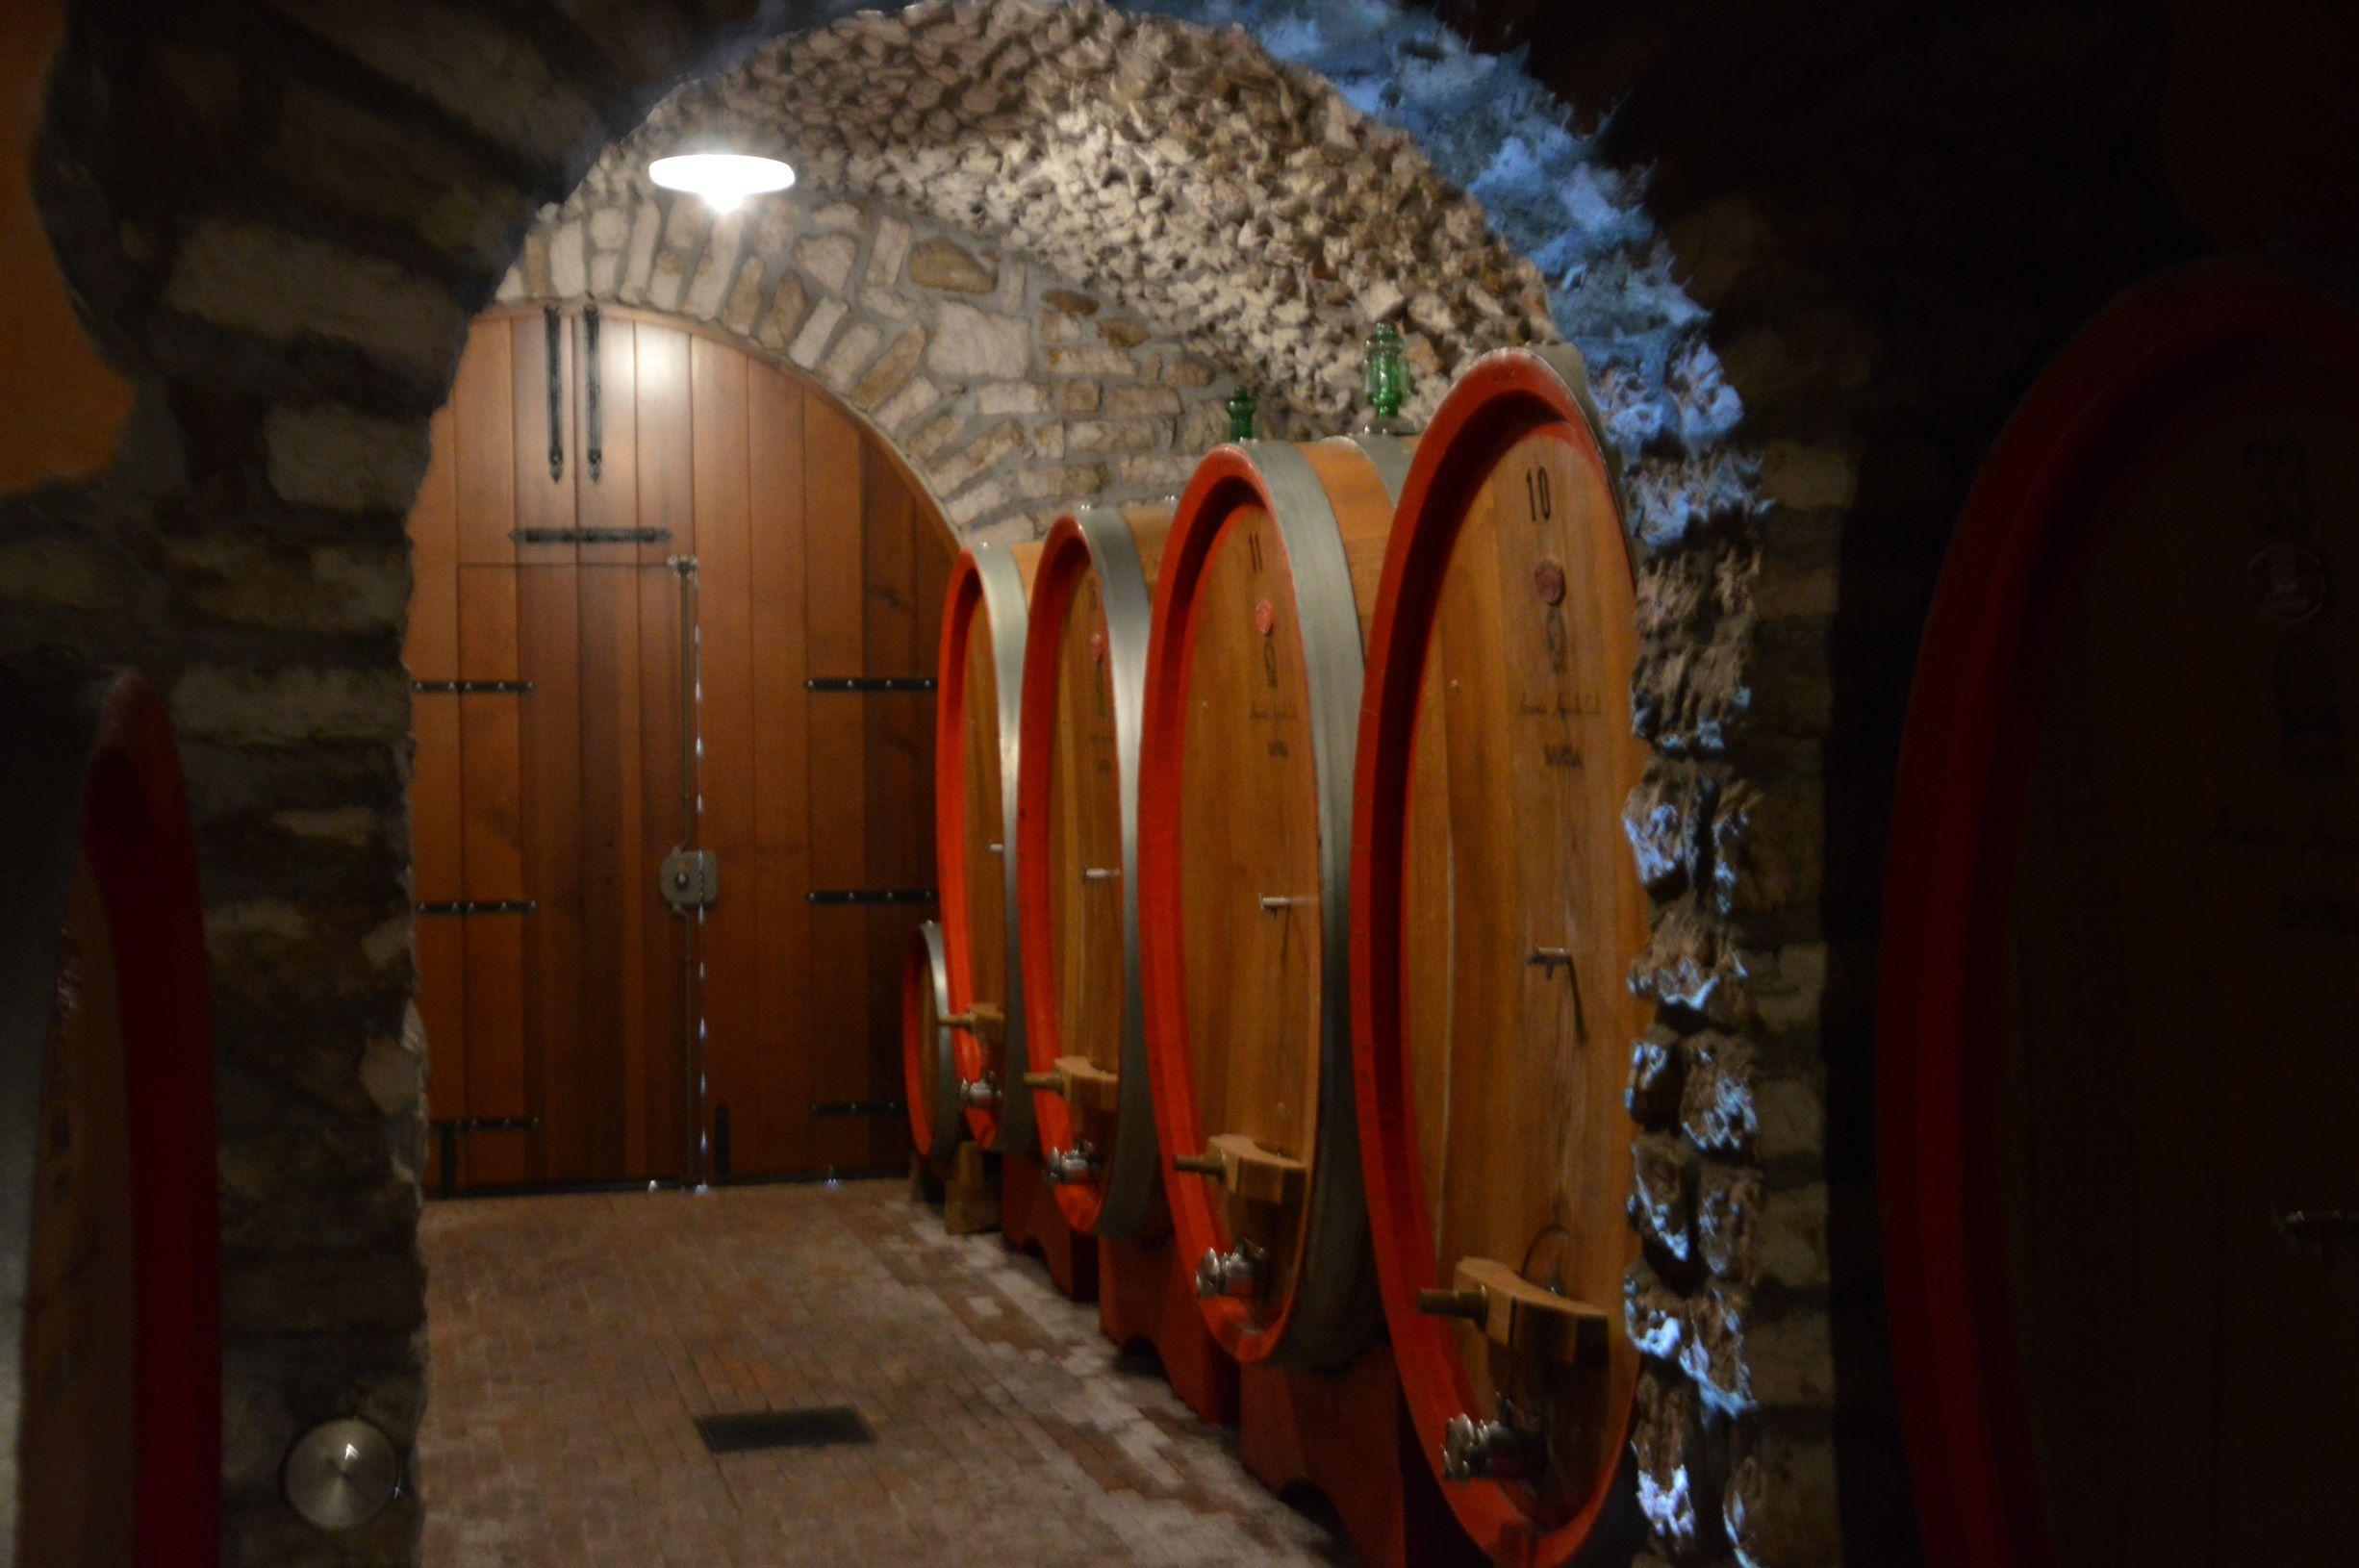 Tenuta Savoia (Az. Agr. Coali)  - The care of artisans in Sant'Ambrogio di Valpolicella